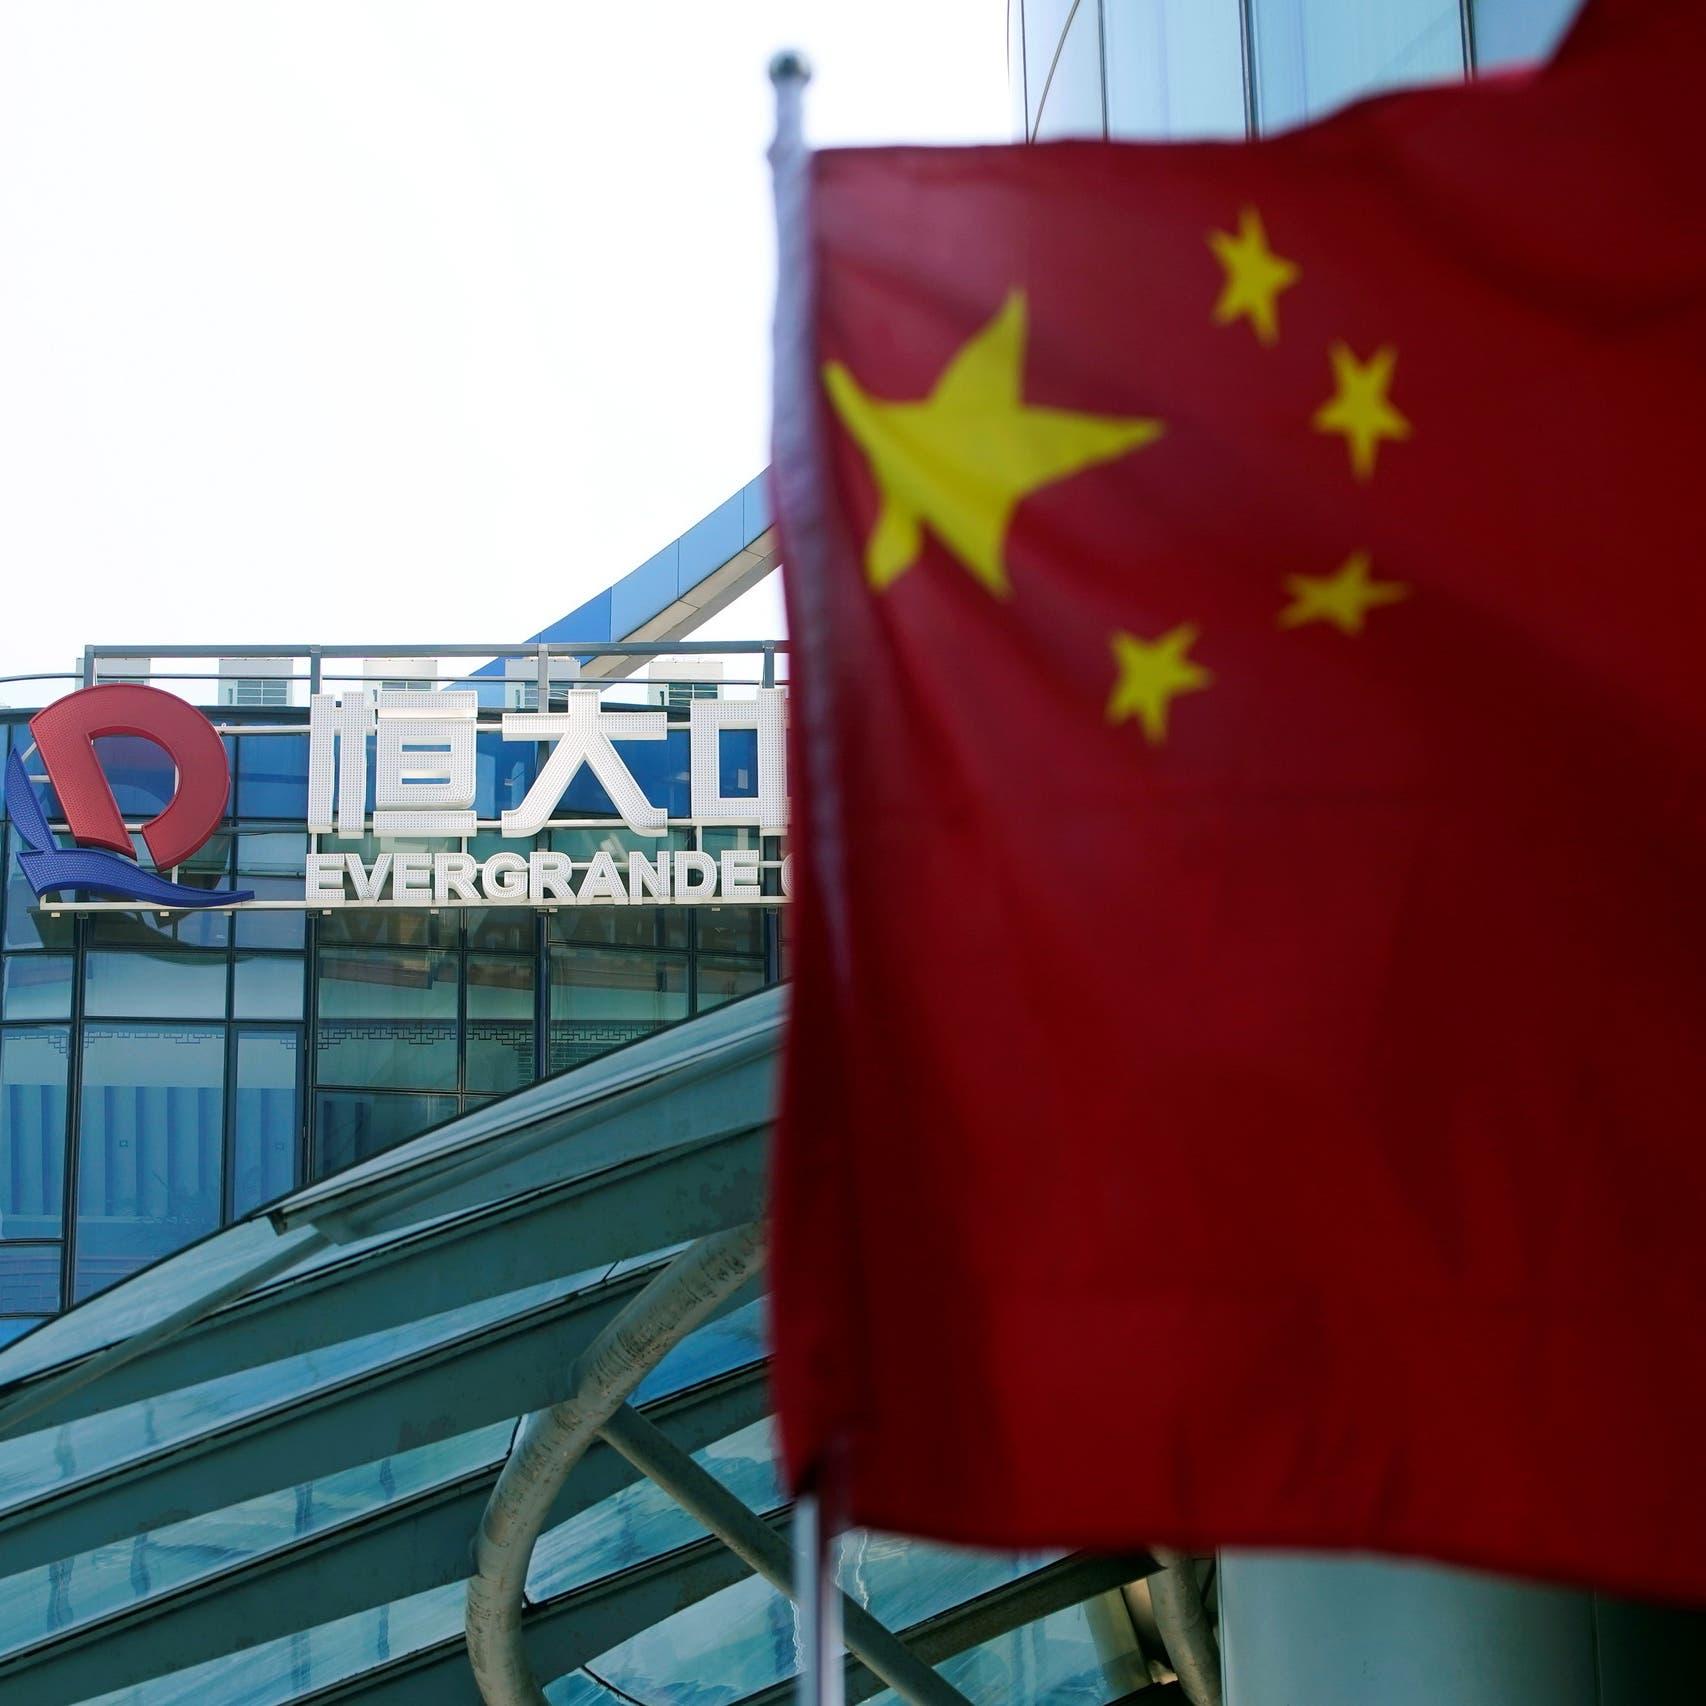 8.5 تريليون دولار ديون خفية للحكومة الصينية لا تظهر في ميزانيتها!